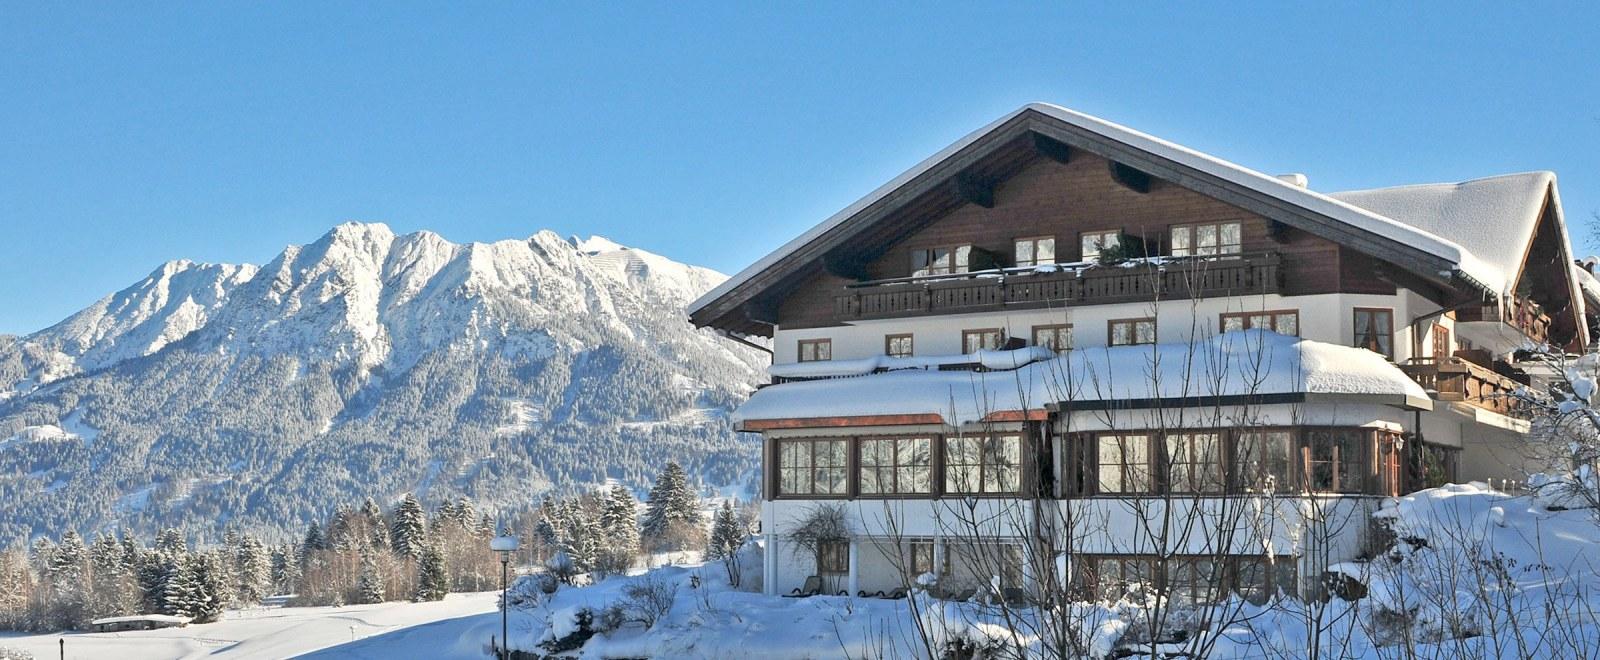 Hotel vor verschneitem Bergpanorama